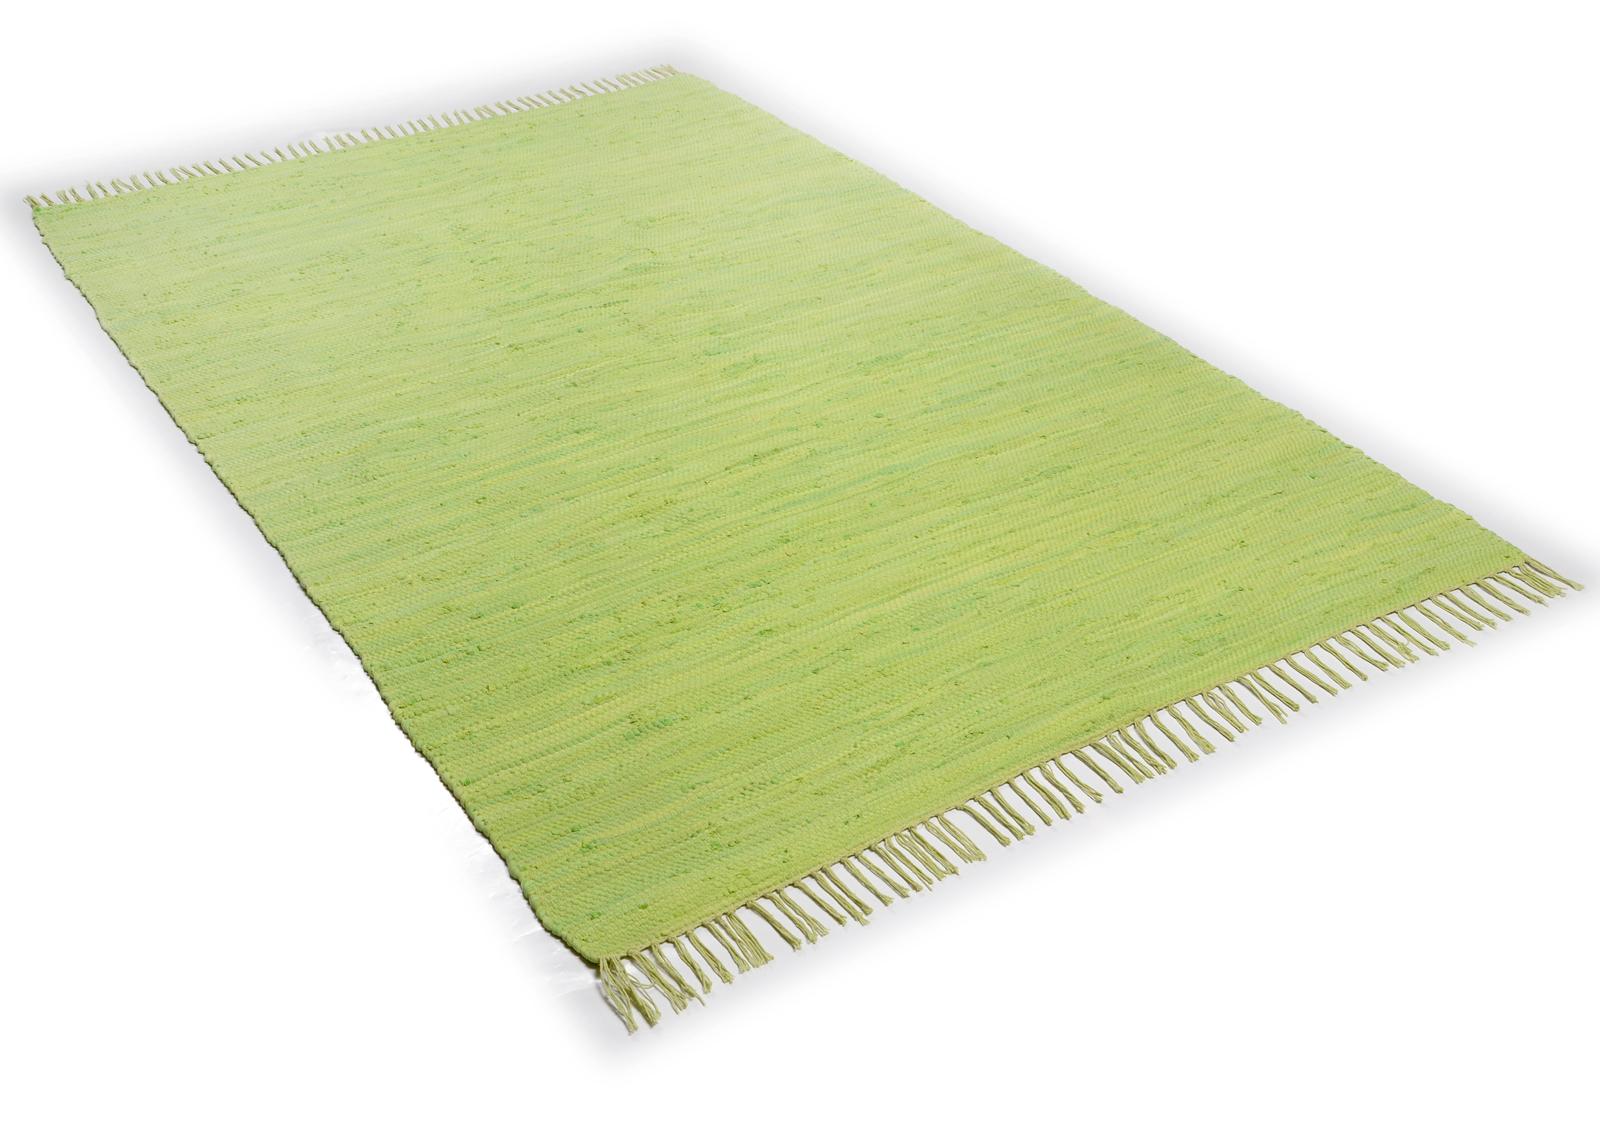 Matto Happy Cotton 90x160 cm, vihreä